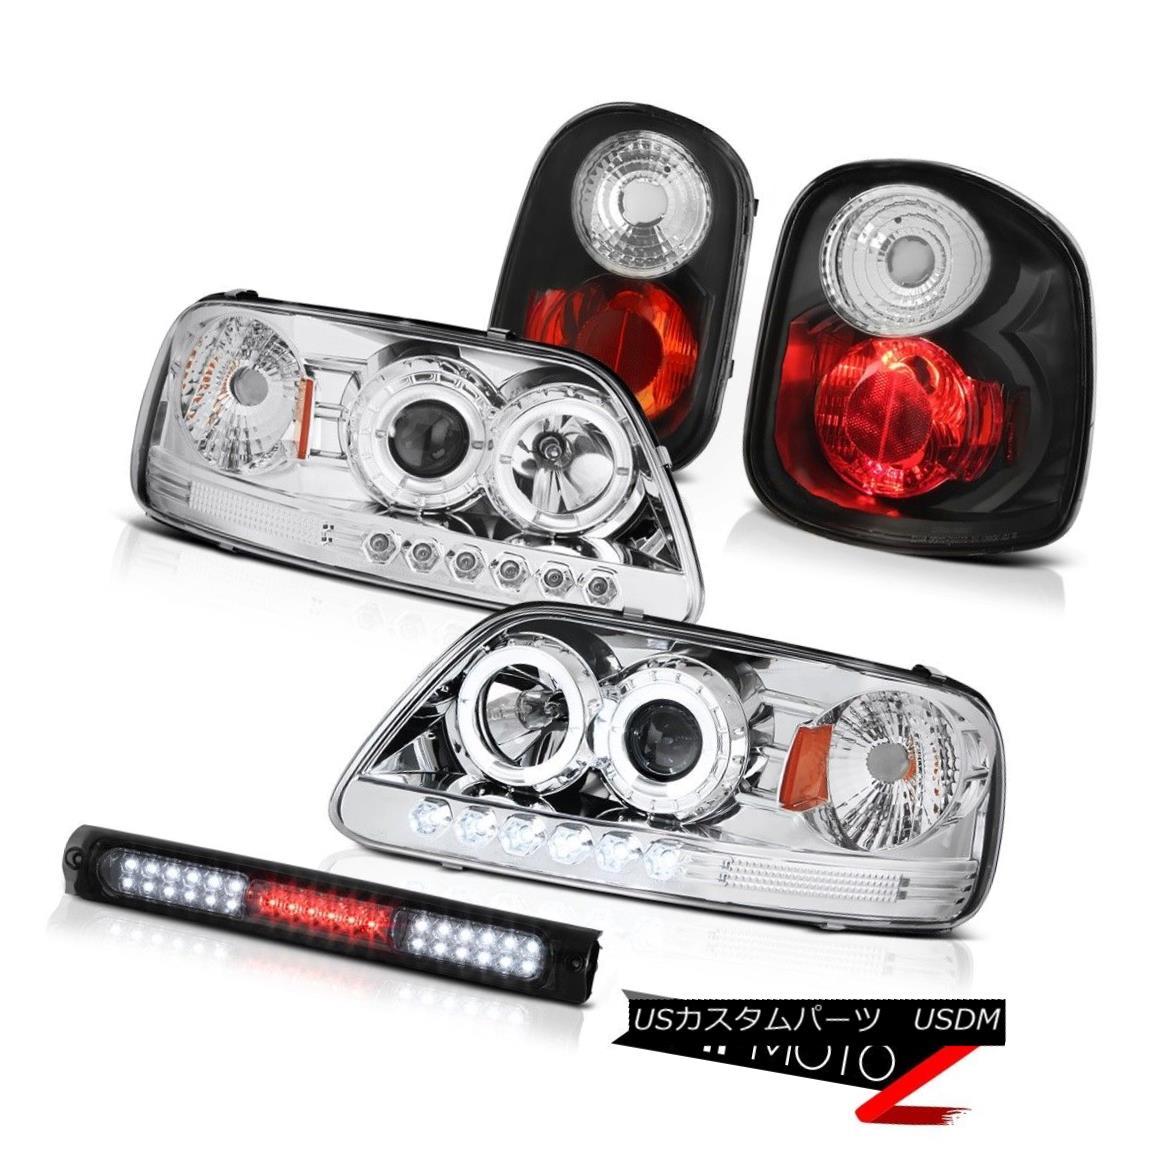 ヘッドライト Chrome LED Headlights Black Tail Lights Stop Smoke 97-00 F150 Flareside Hertiage クロームLEDヘッドライトブラックテールライトストップスモーク97-00 F150 Flareside Heritage